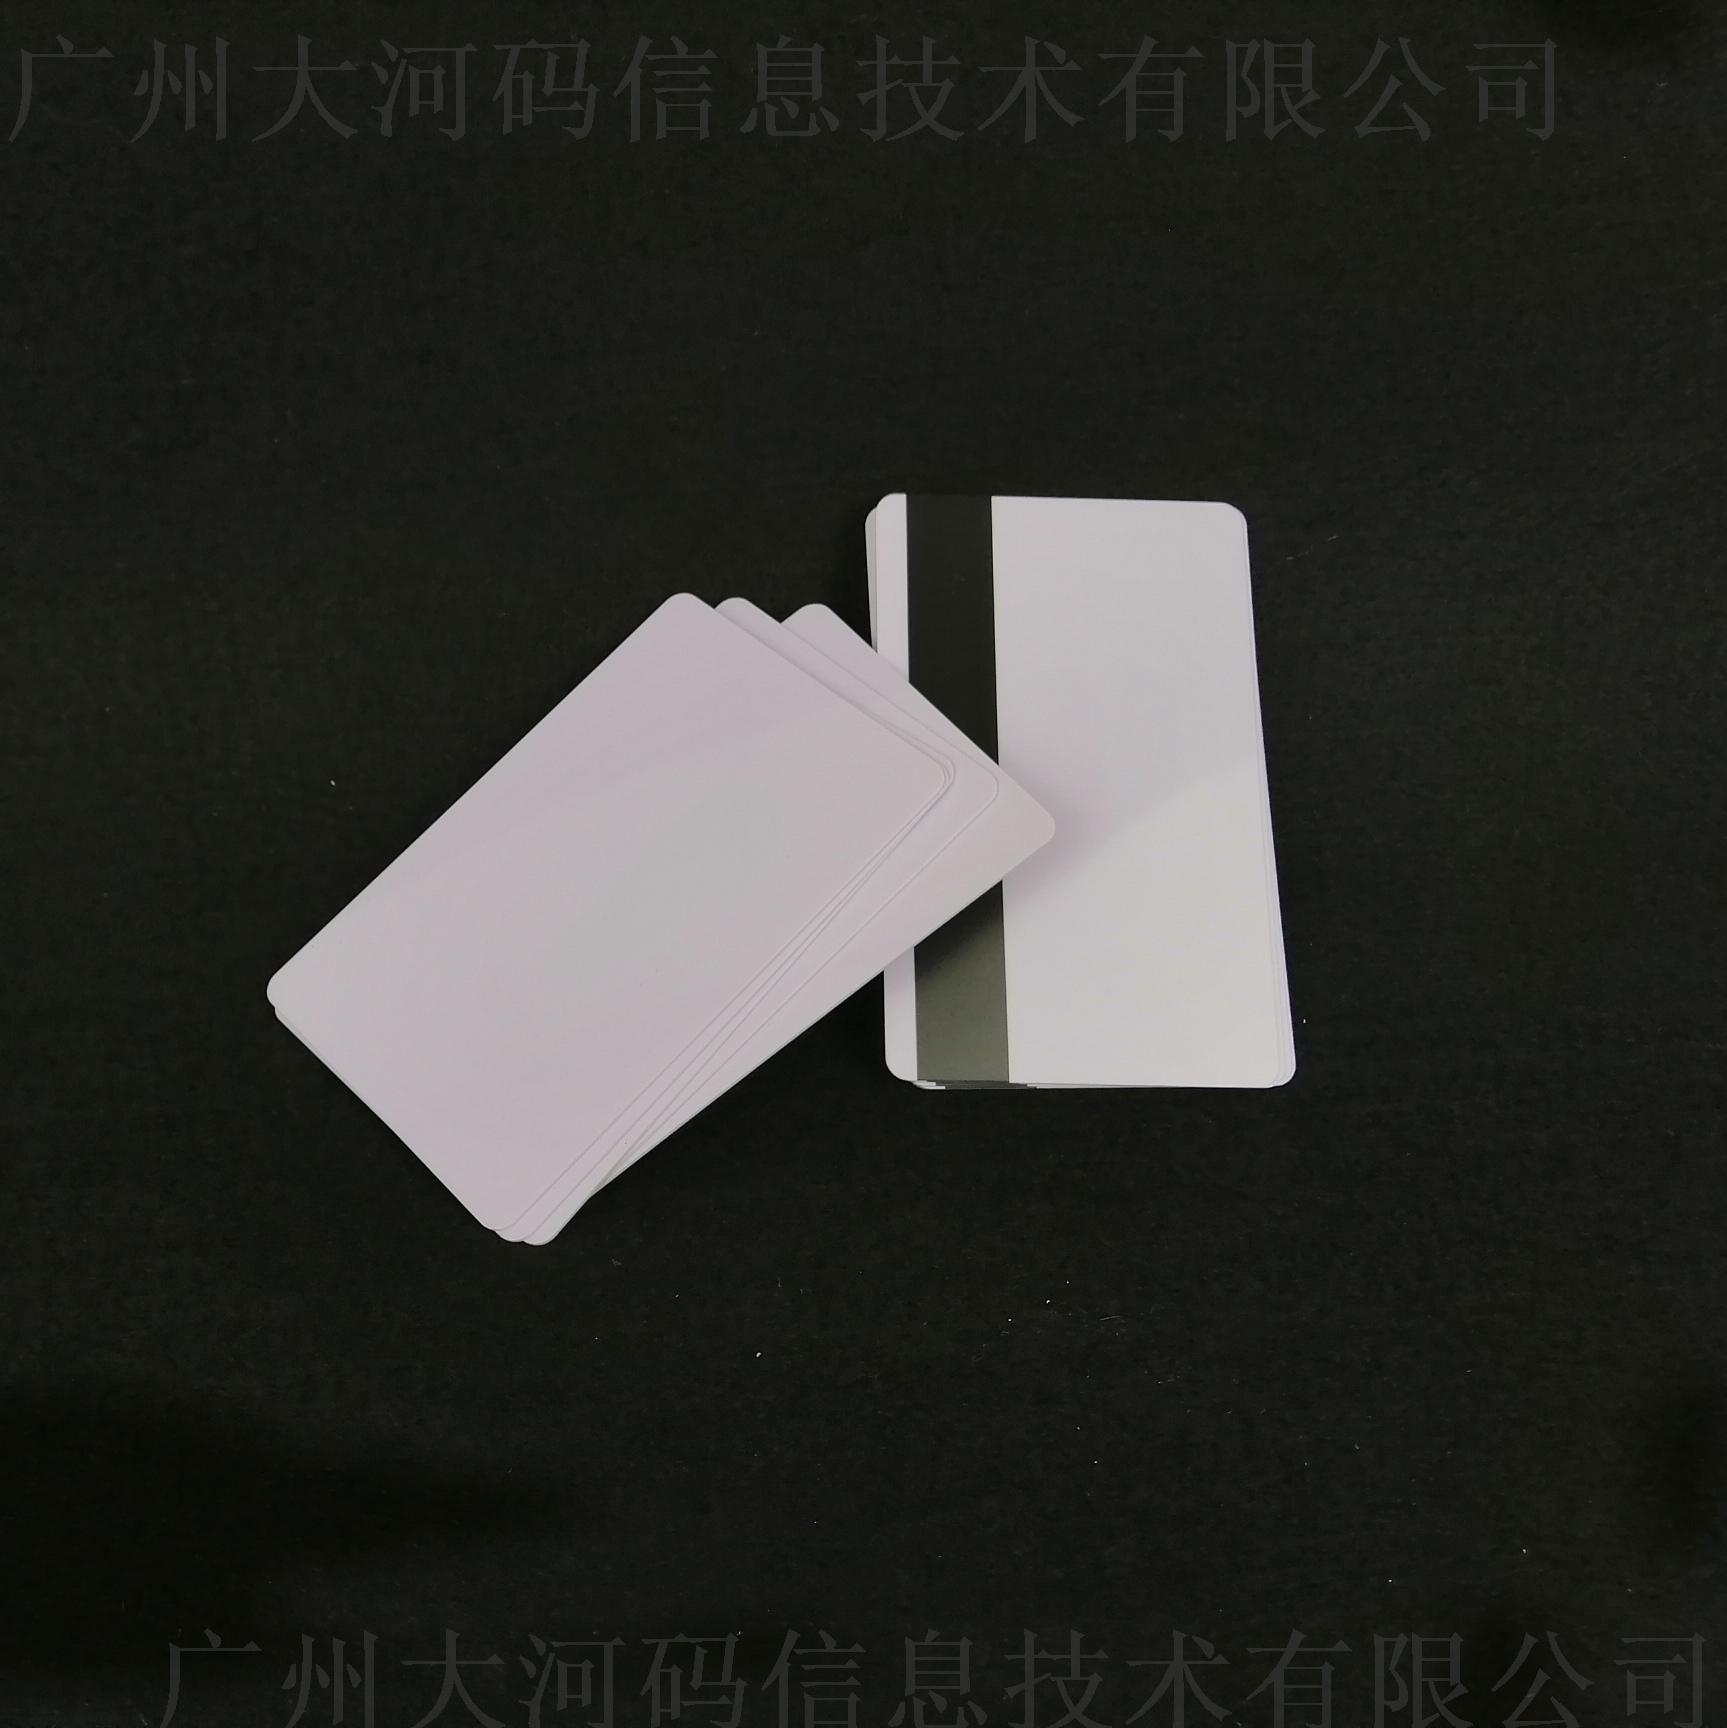 韓國證卡印表機 SMART122296825